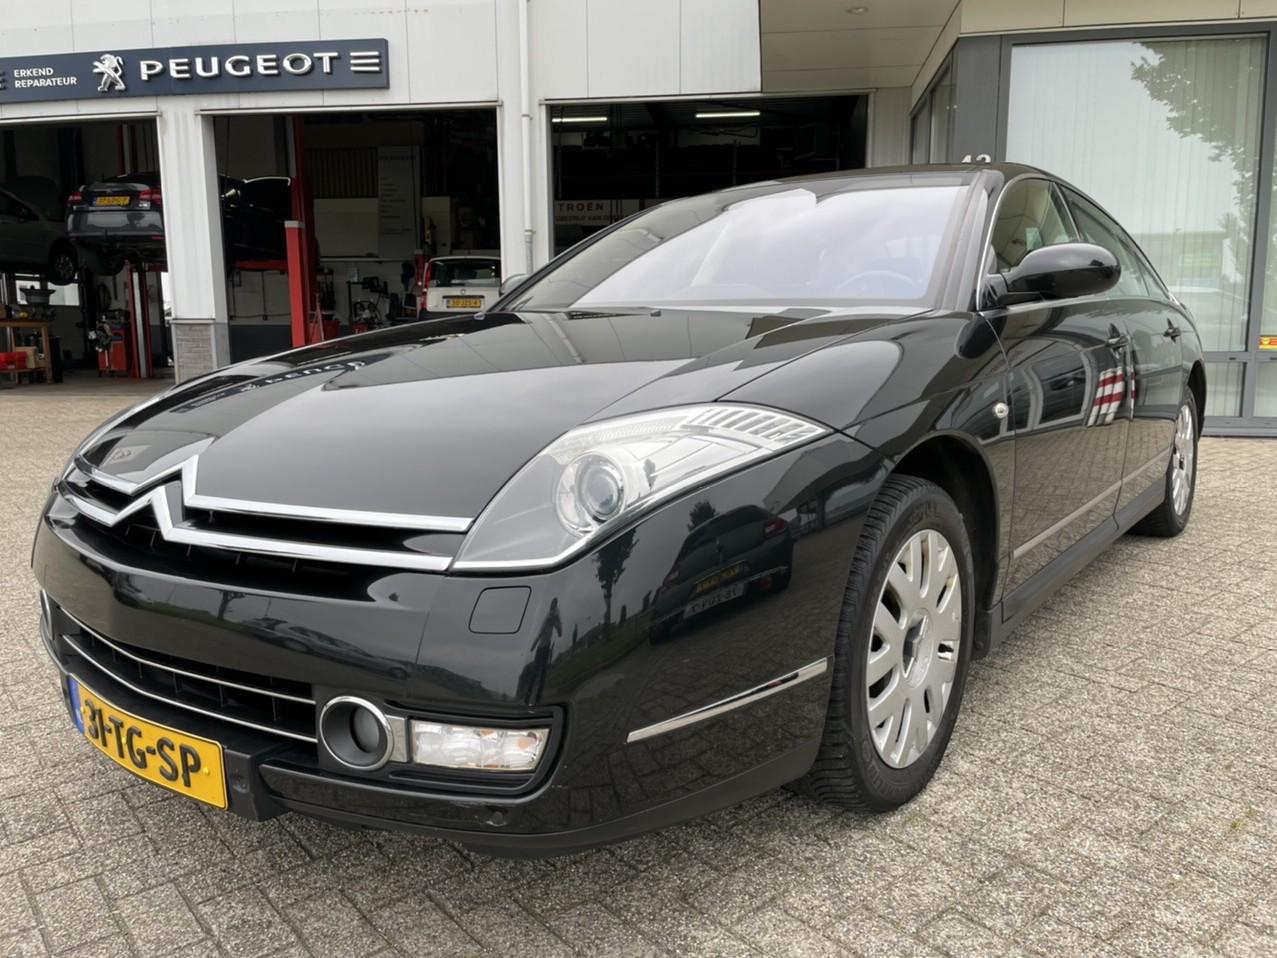 Citroën C6 2.7 hdif v6 aut exclusive